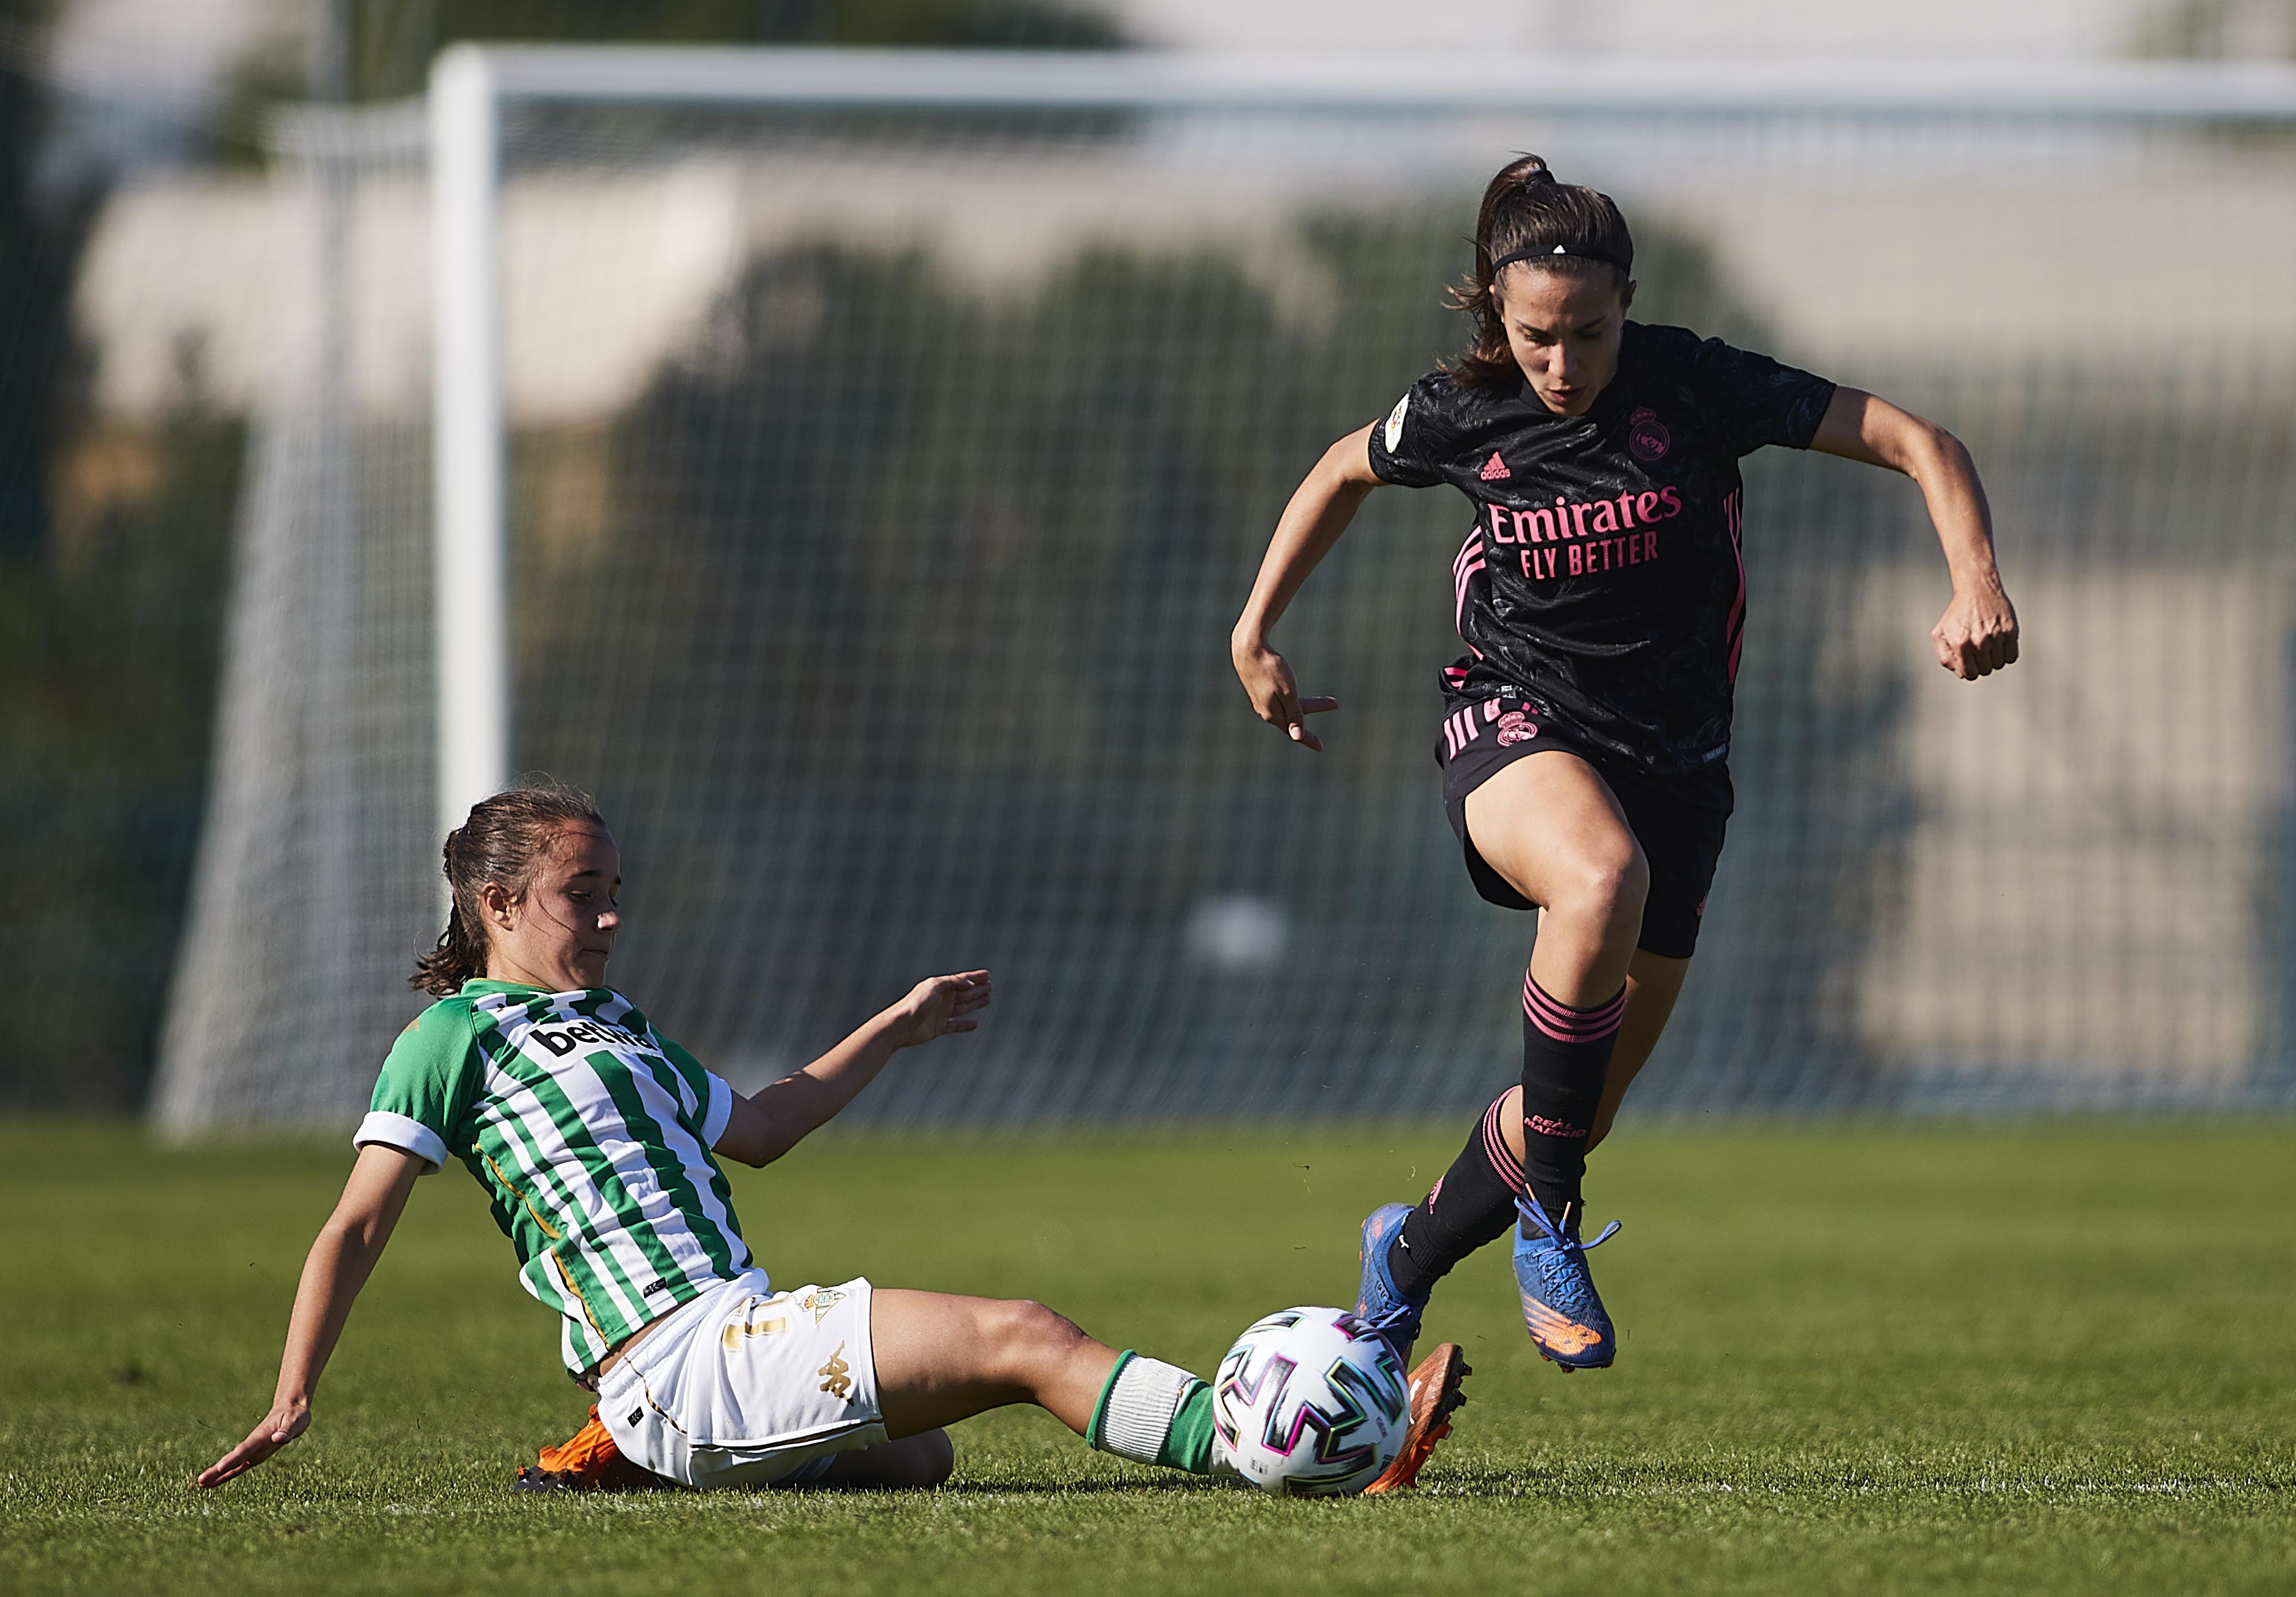 Real Betis Feminas v Real Madrid Femenino - Primera Division Femenina